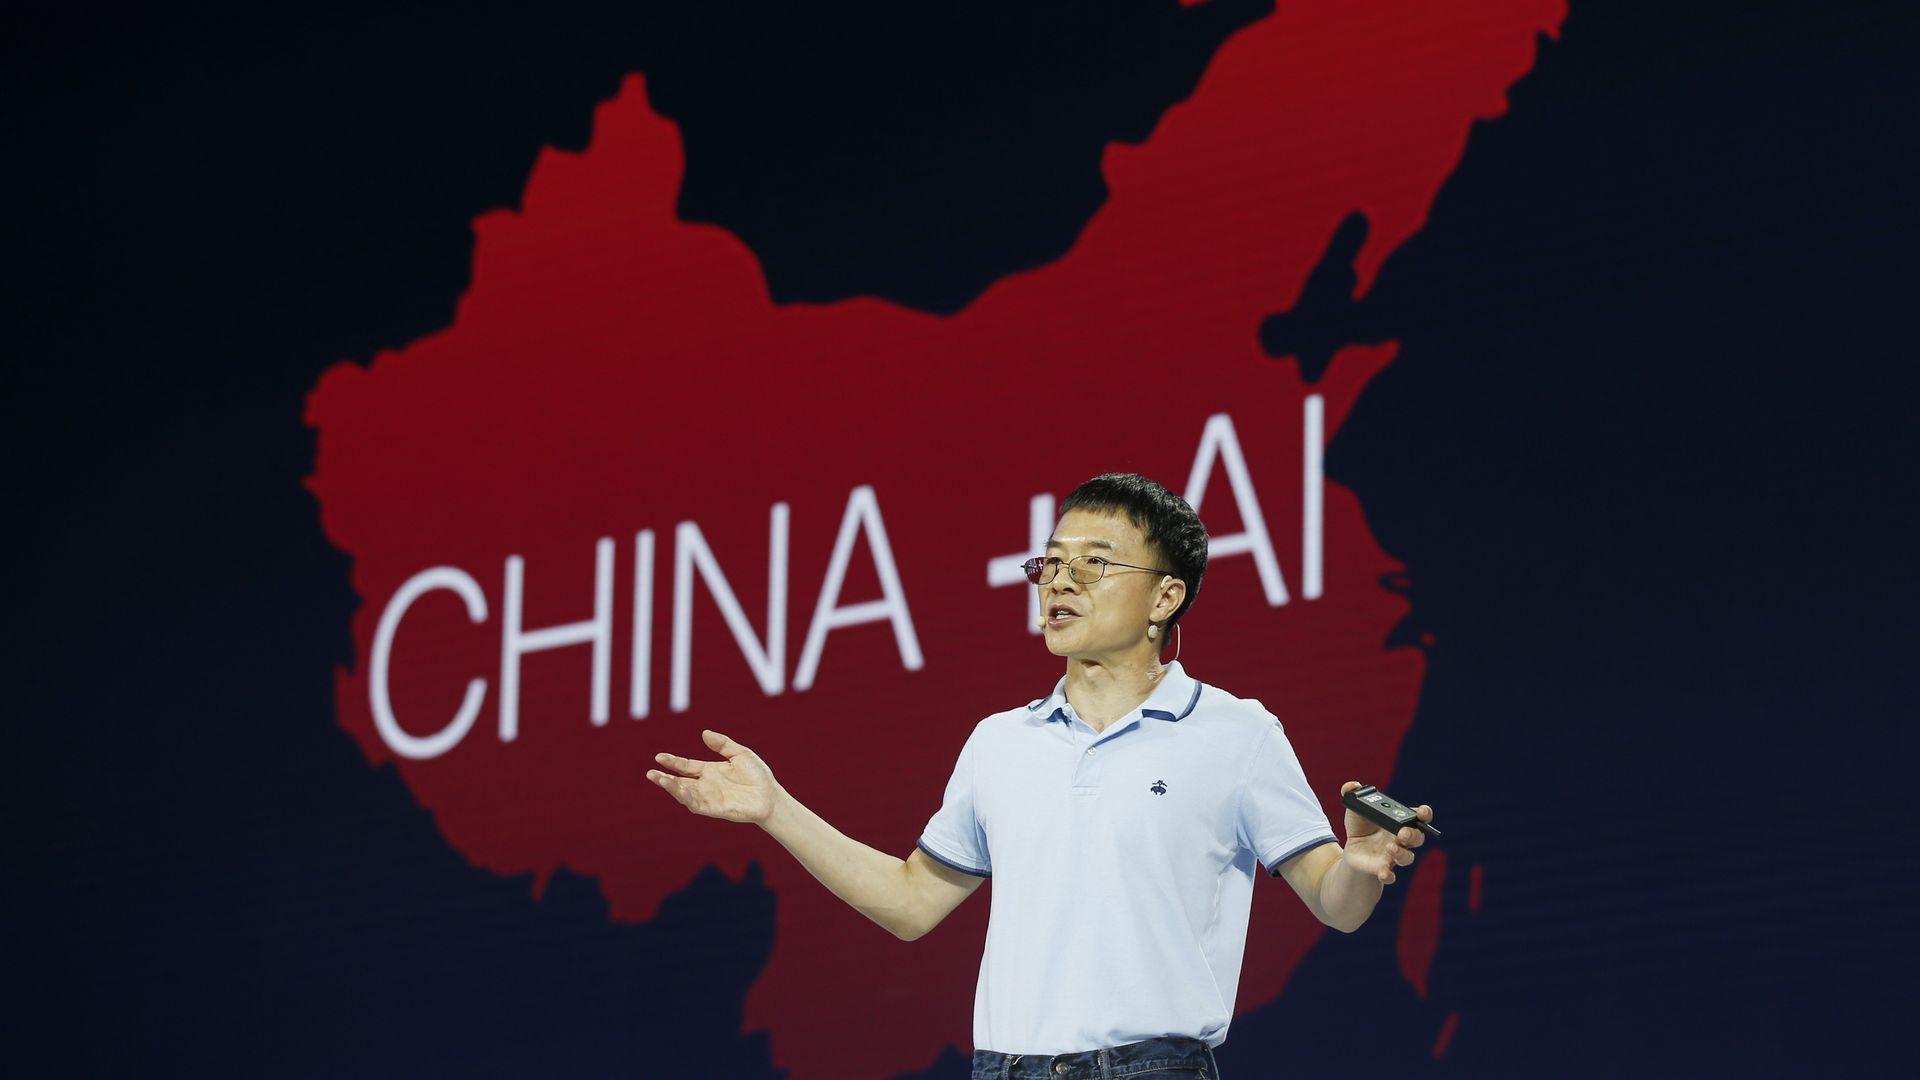 Baidu shares fall after an AI executive steps down.